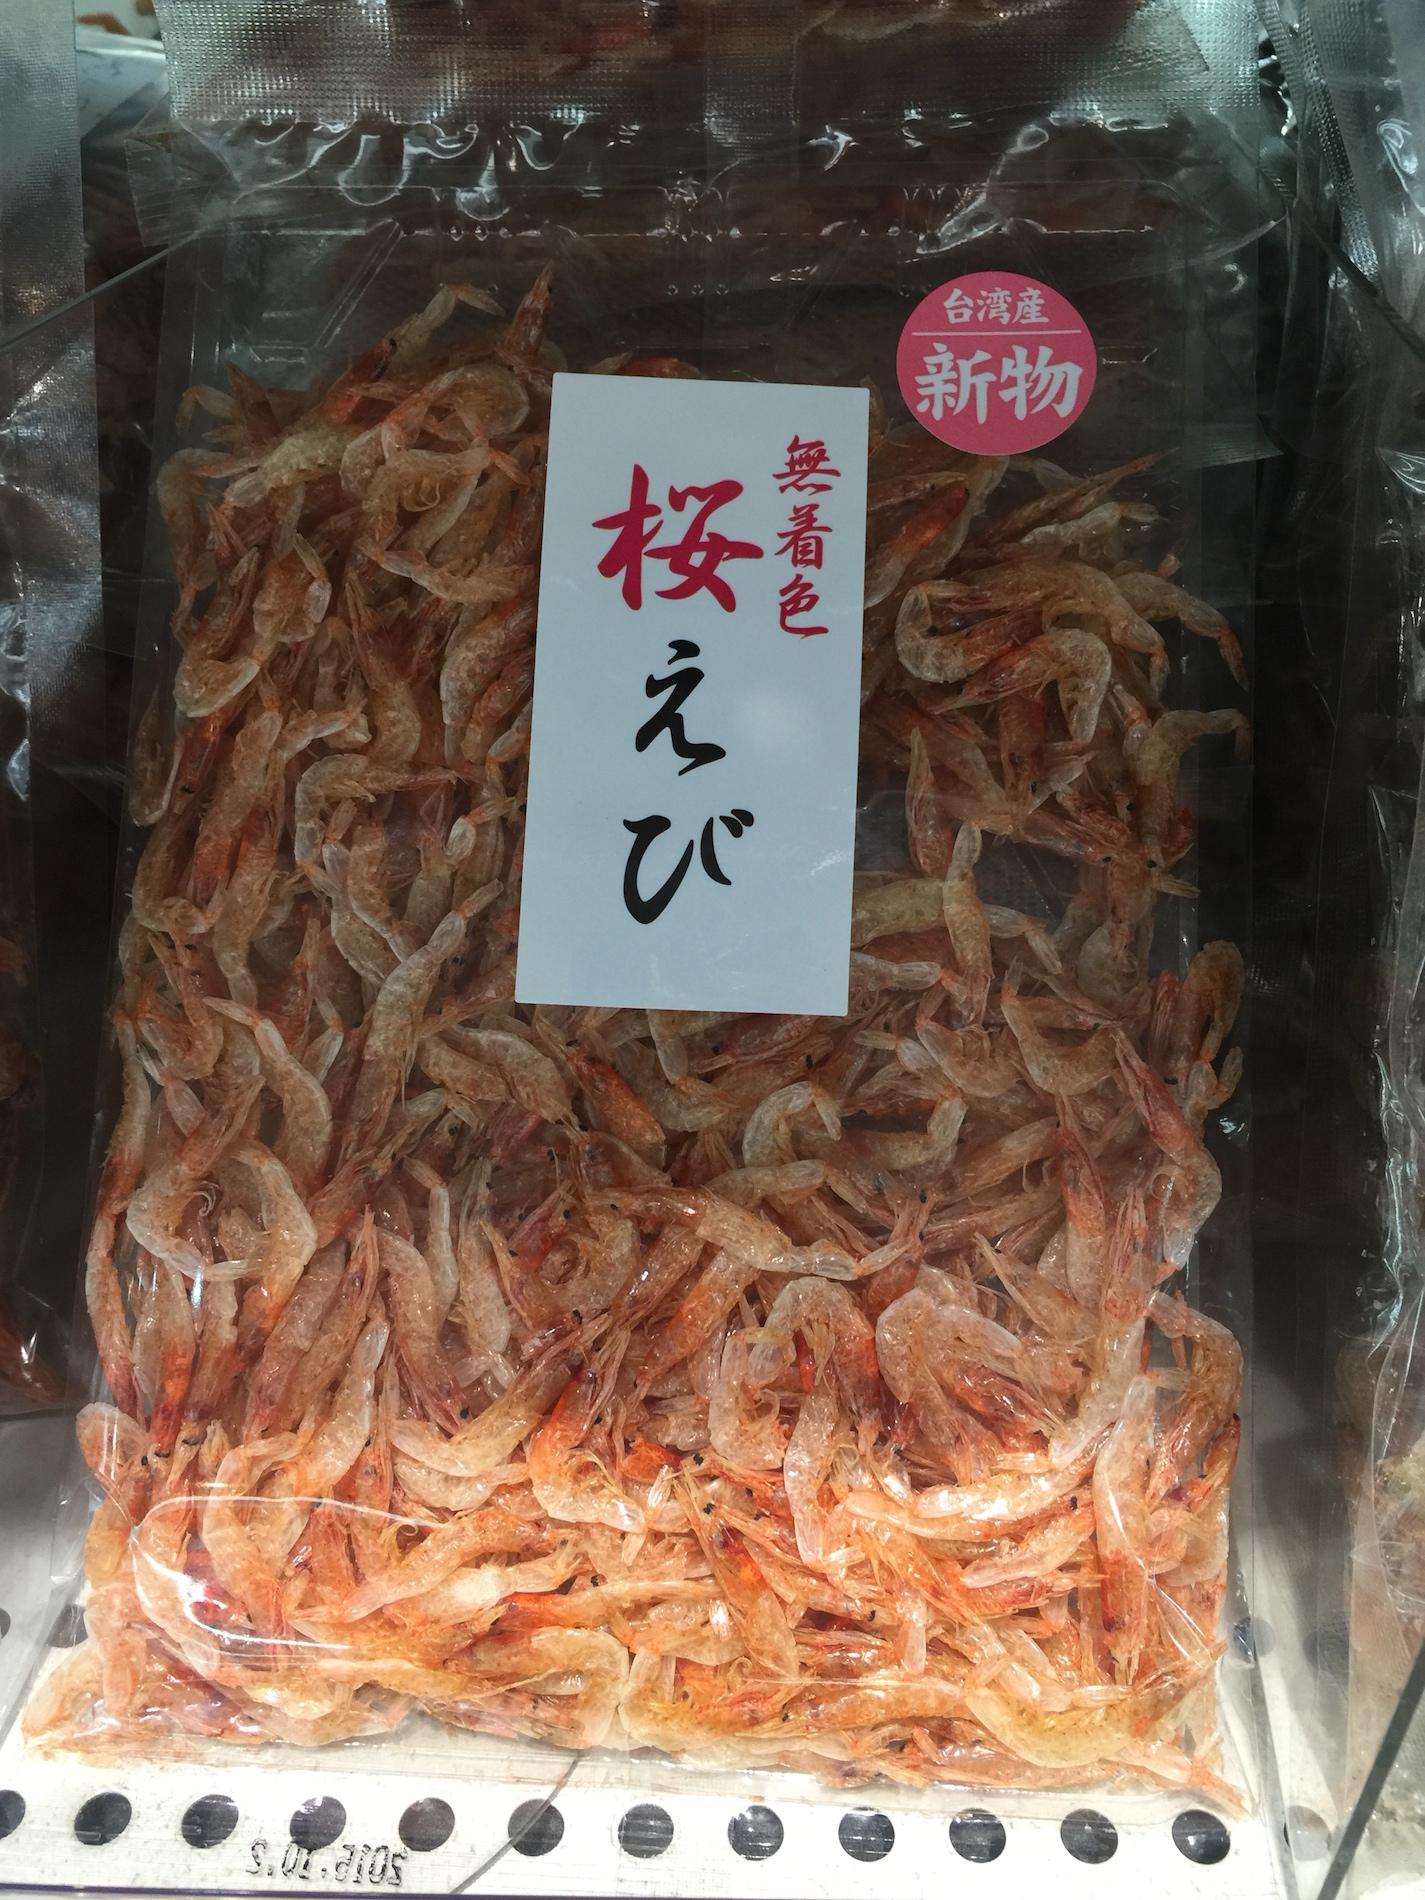 Taiwanese shrimp